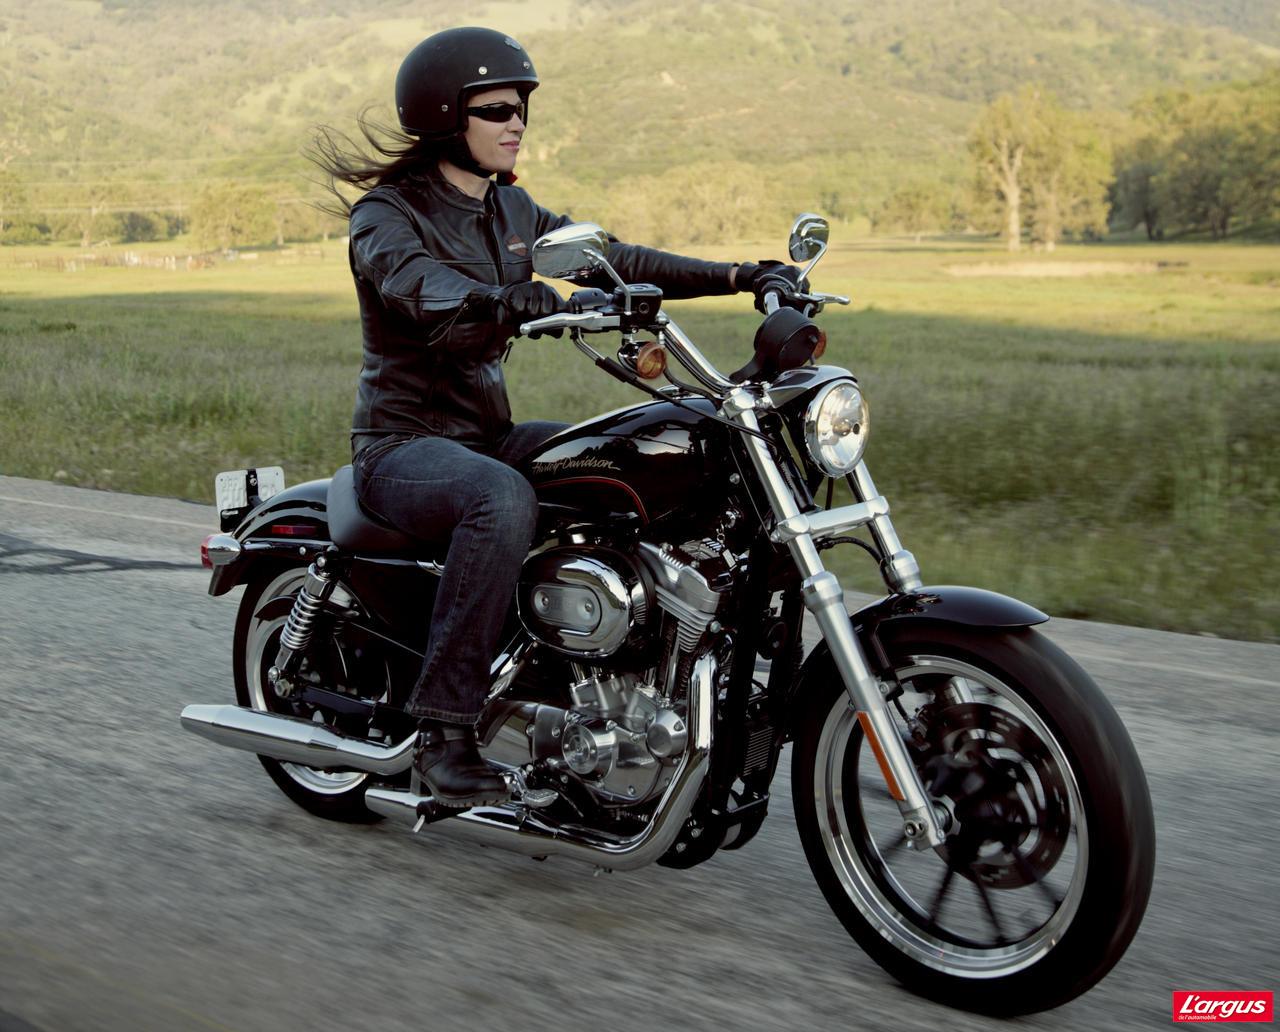 Harley Davidson XL883L Superlow : le mythe